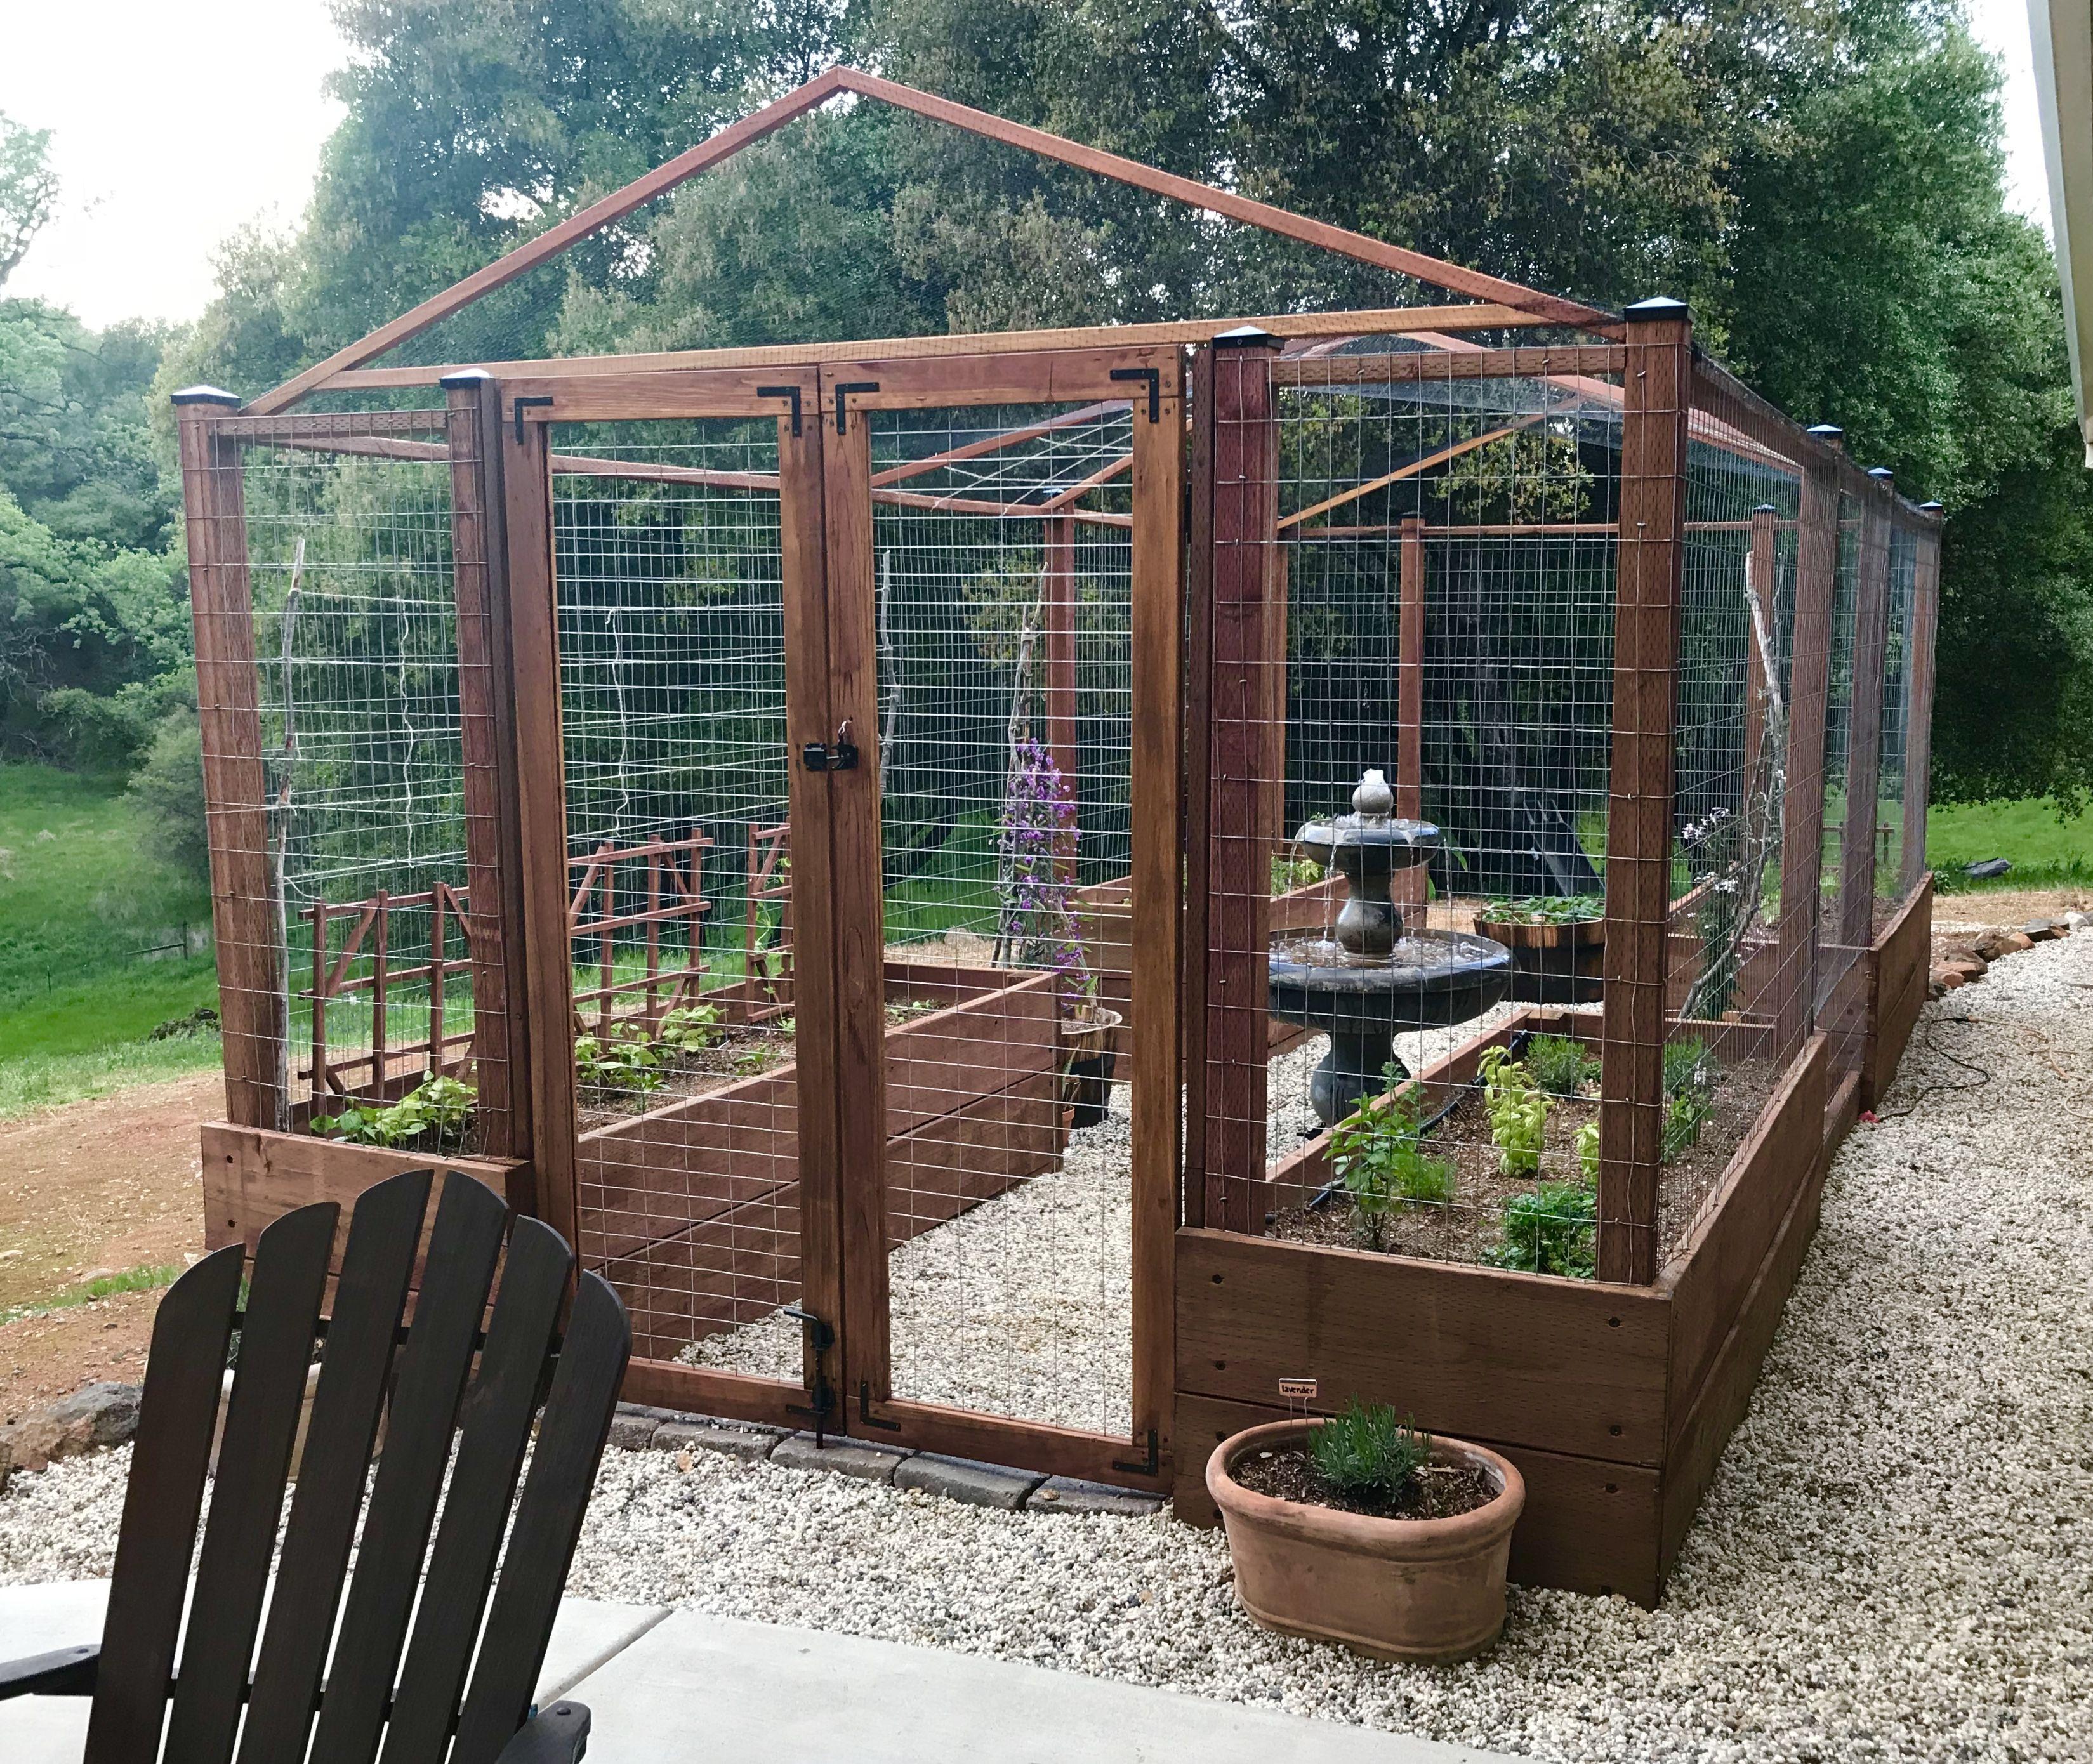 39 Pretty Small Garden Ideas: Vegetable Garden Design, Small Vegetable